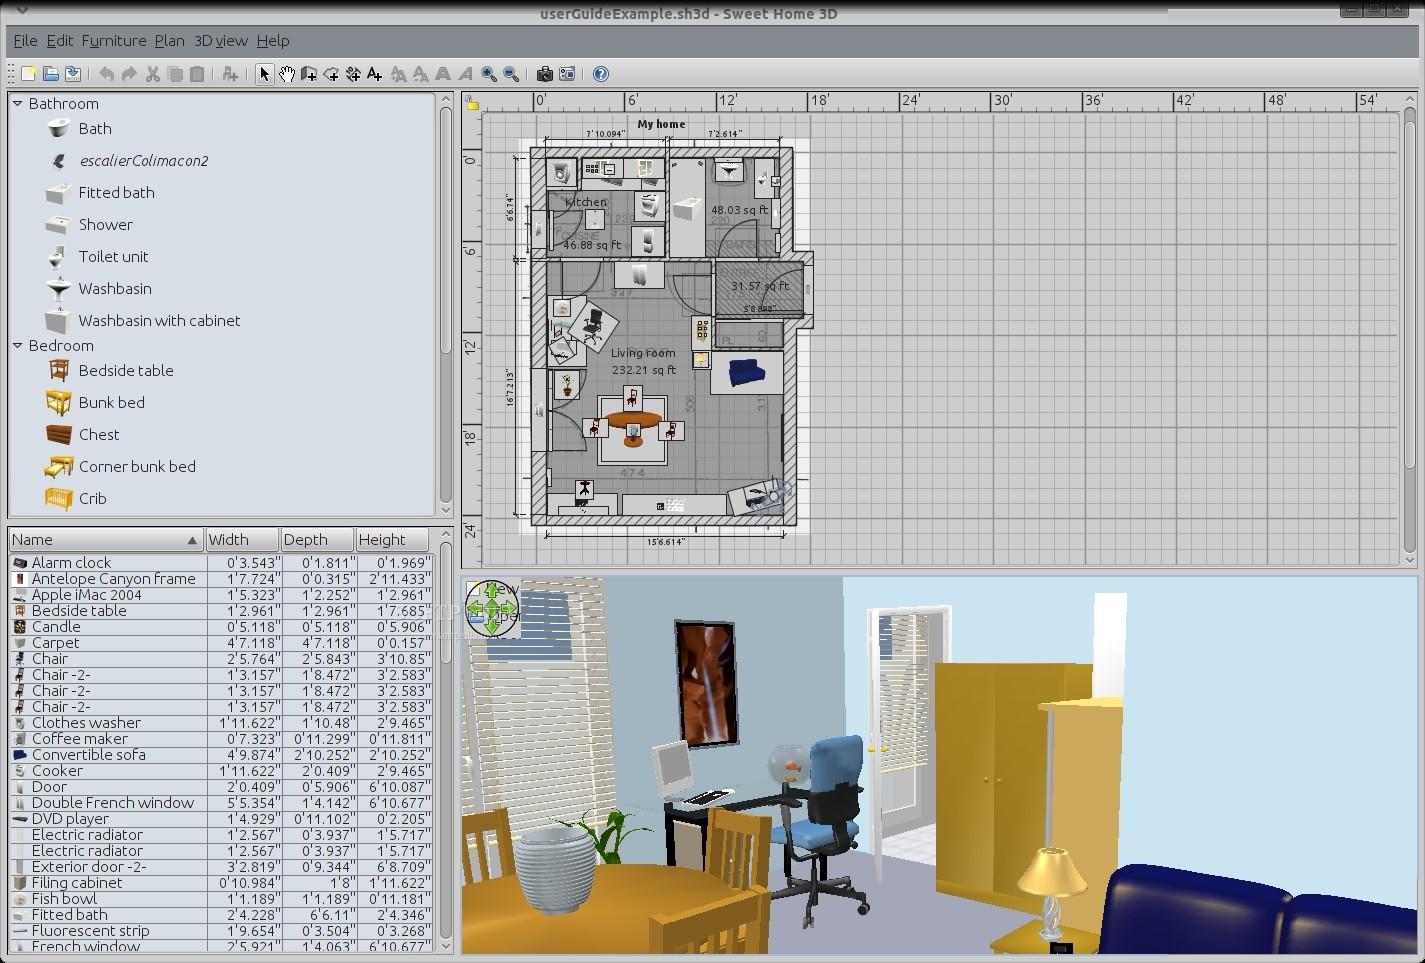 Sweet home 3d 3 2 review for Libreria arredamento sweet home 3d